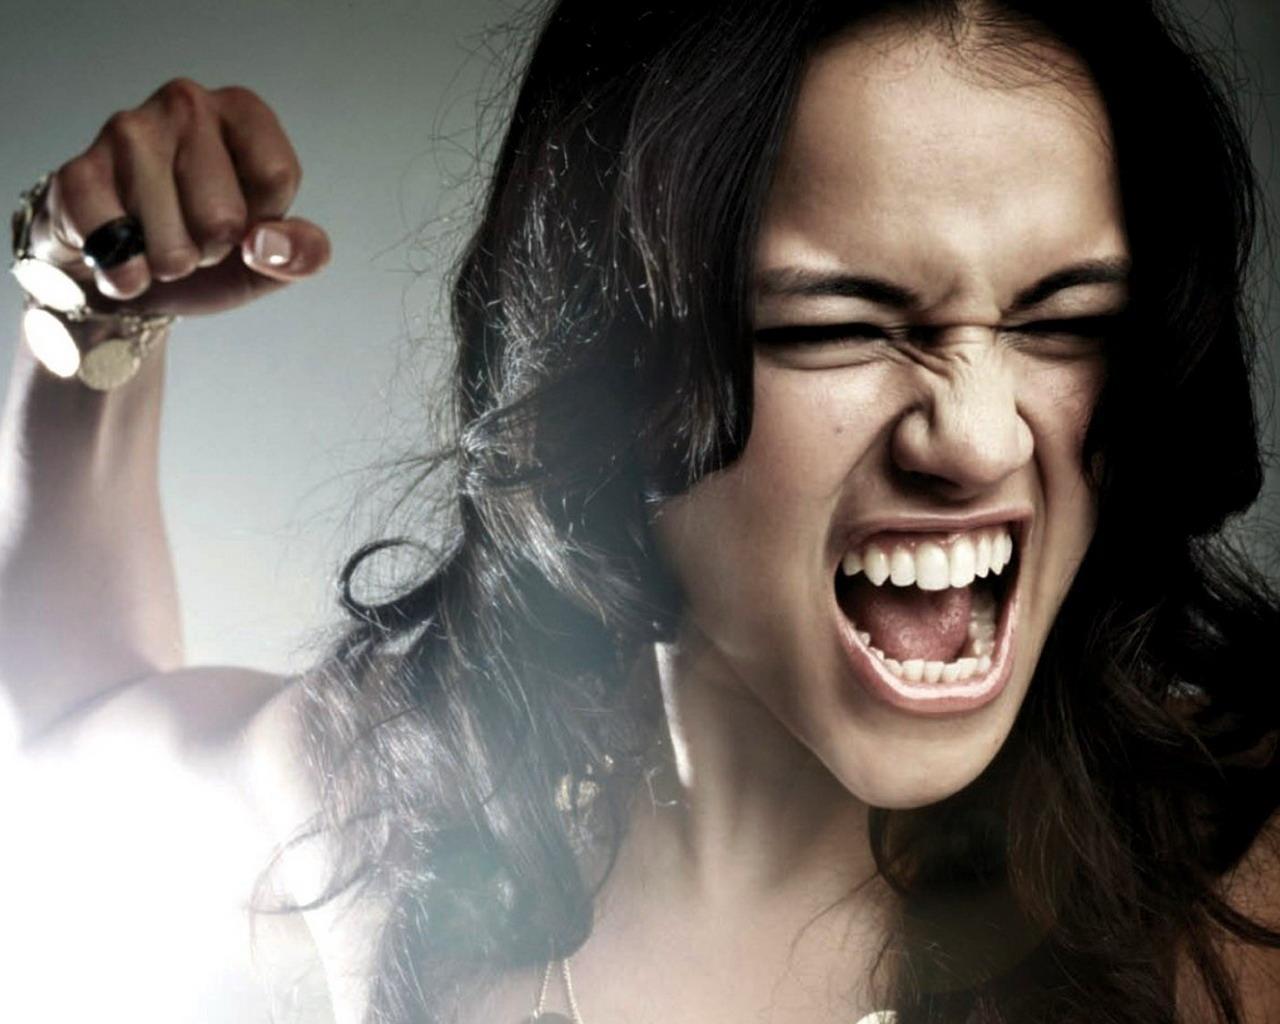 angrywoman